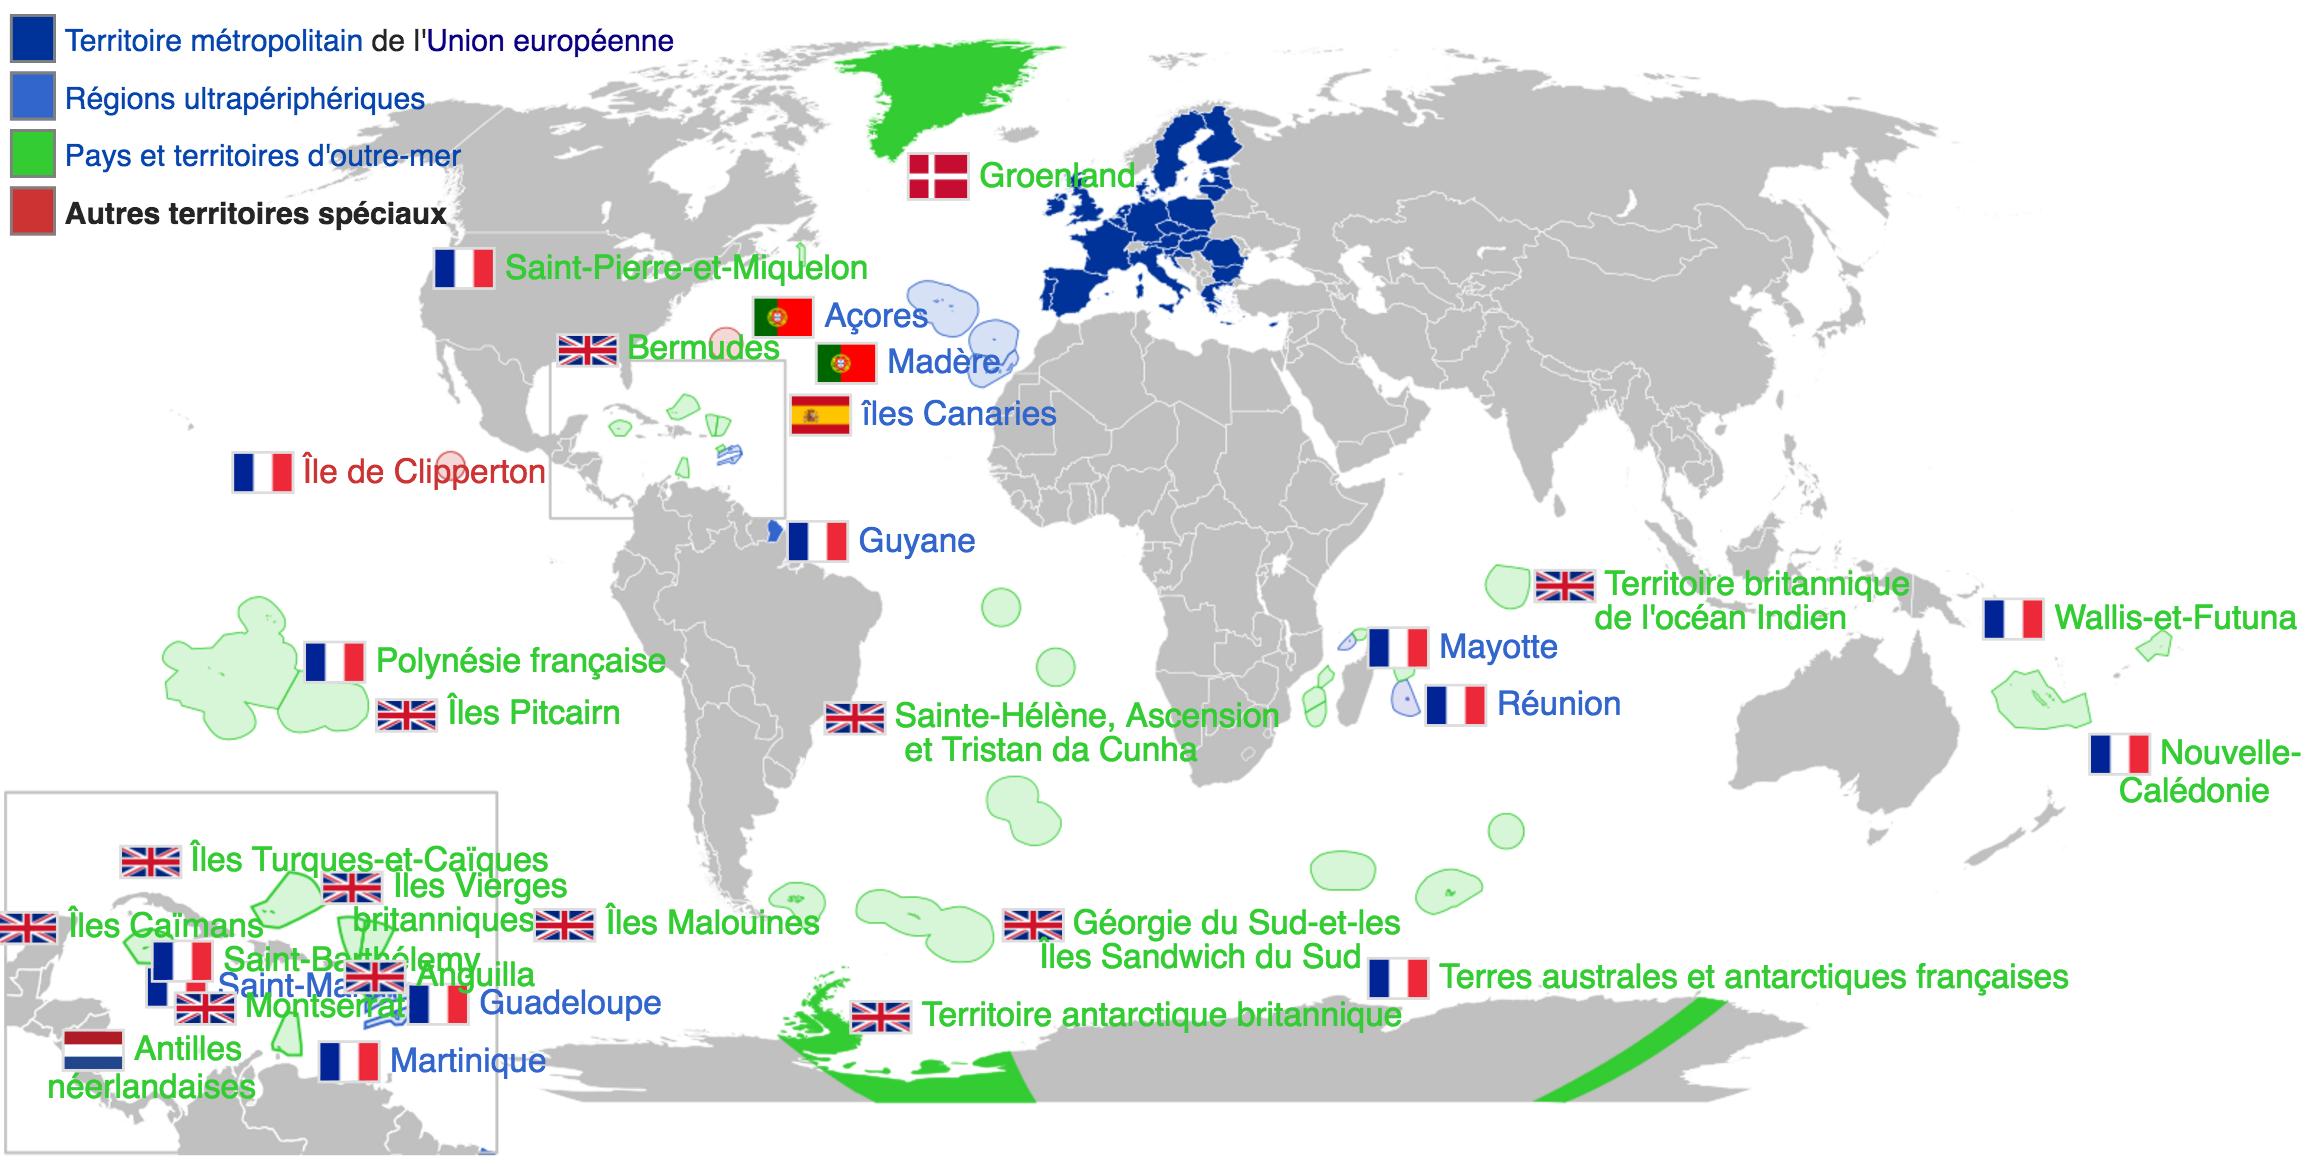 Union Européenne - Territoires Périphériques Associés à Carte Pays Union Européenne